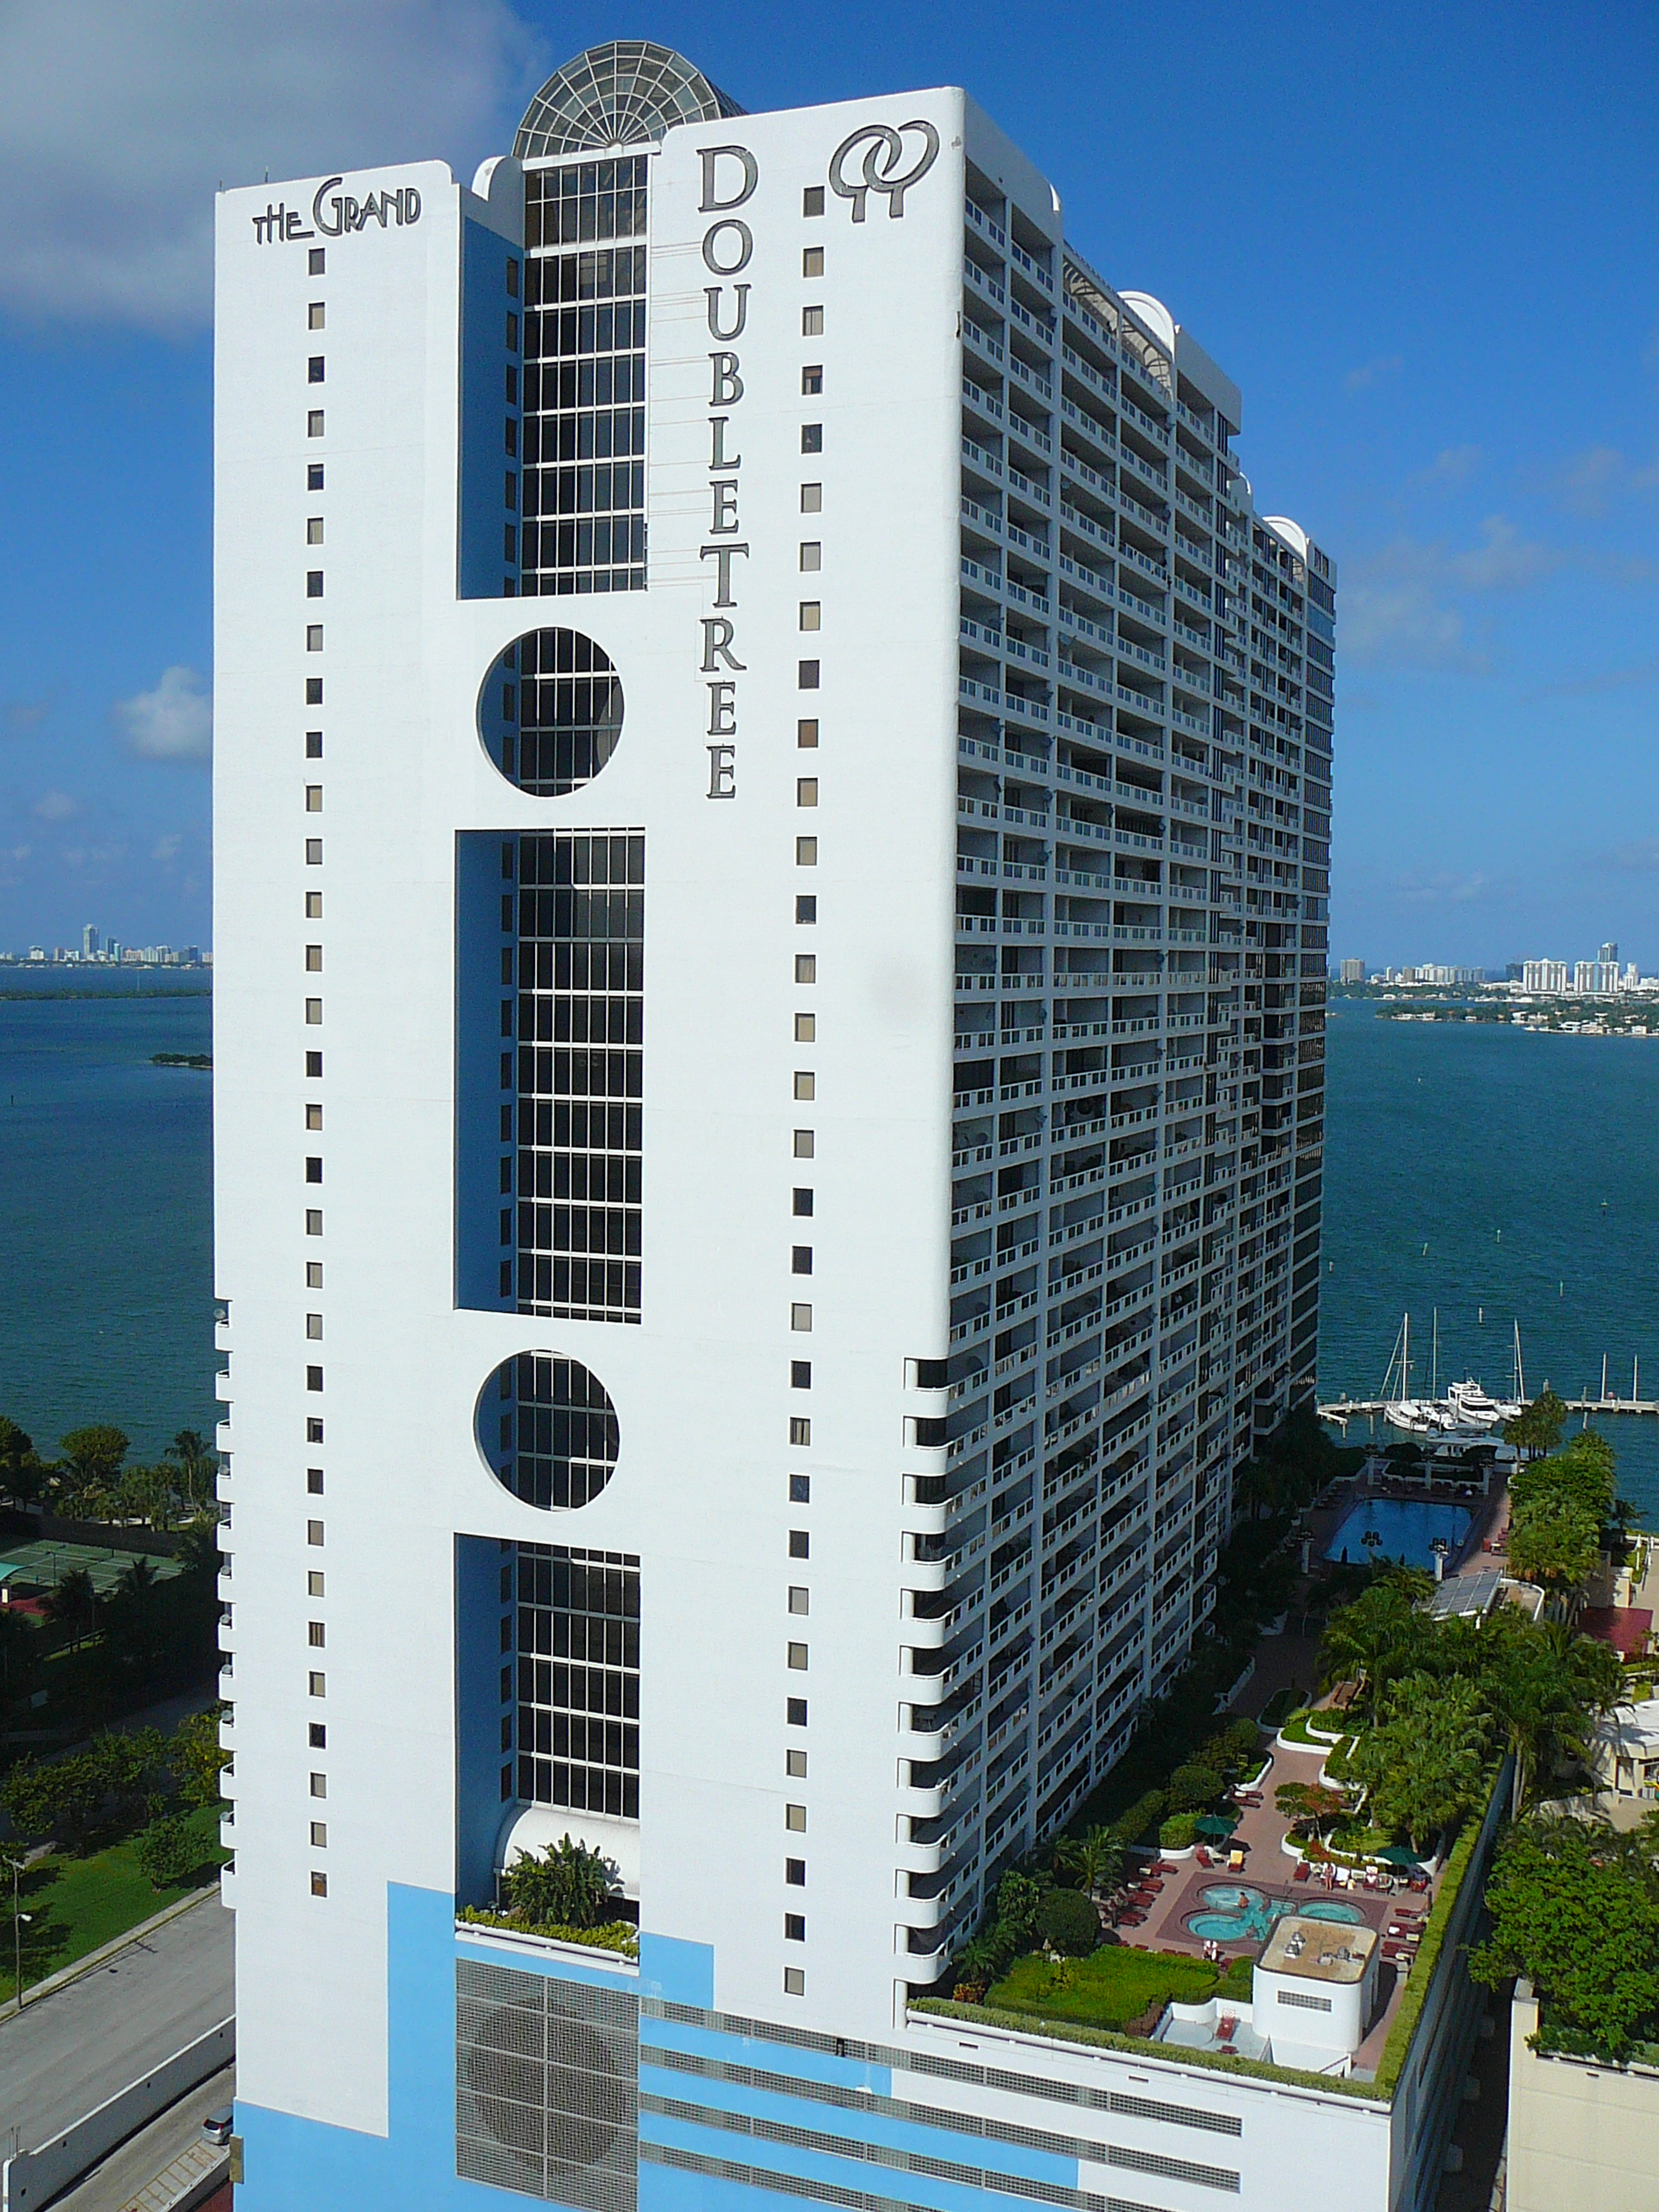 Miami To West Palm Beach Drive